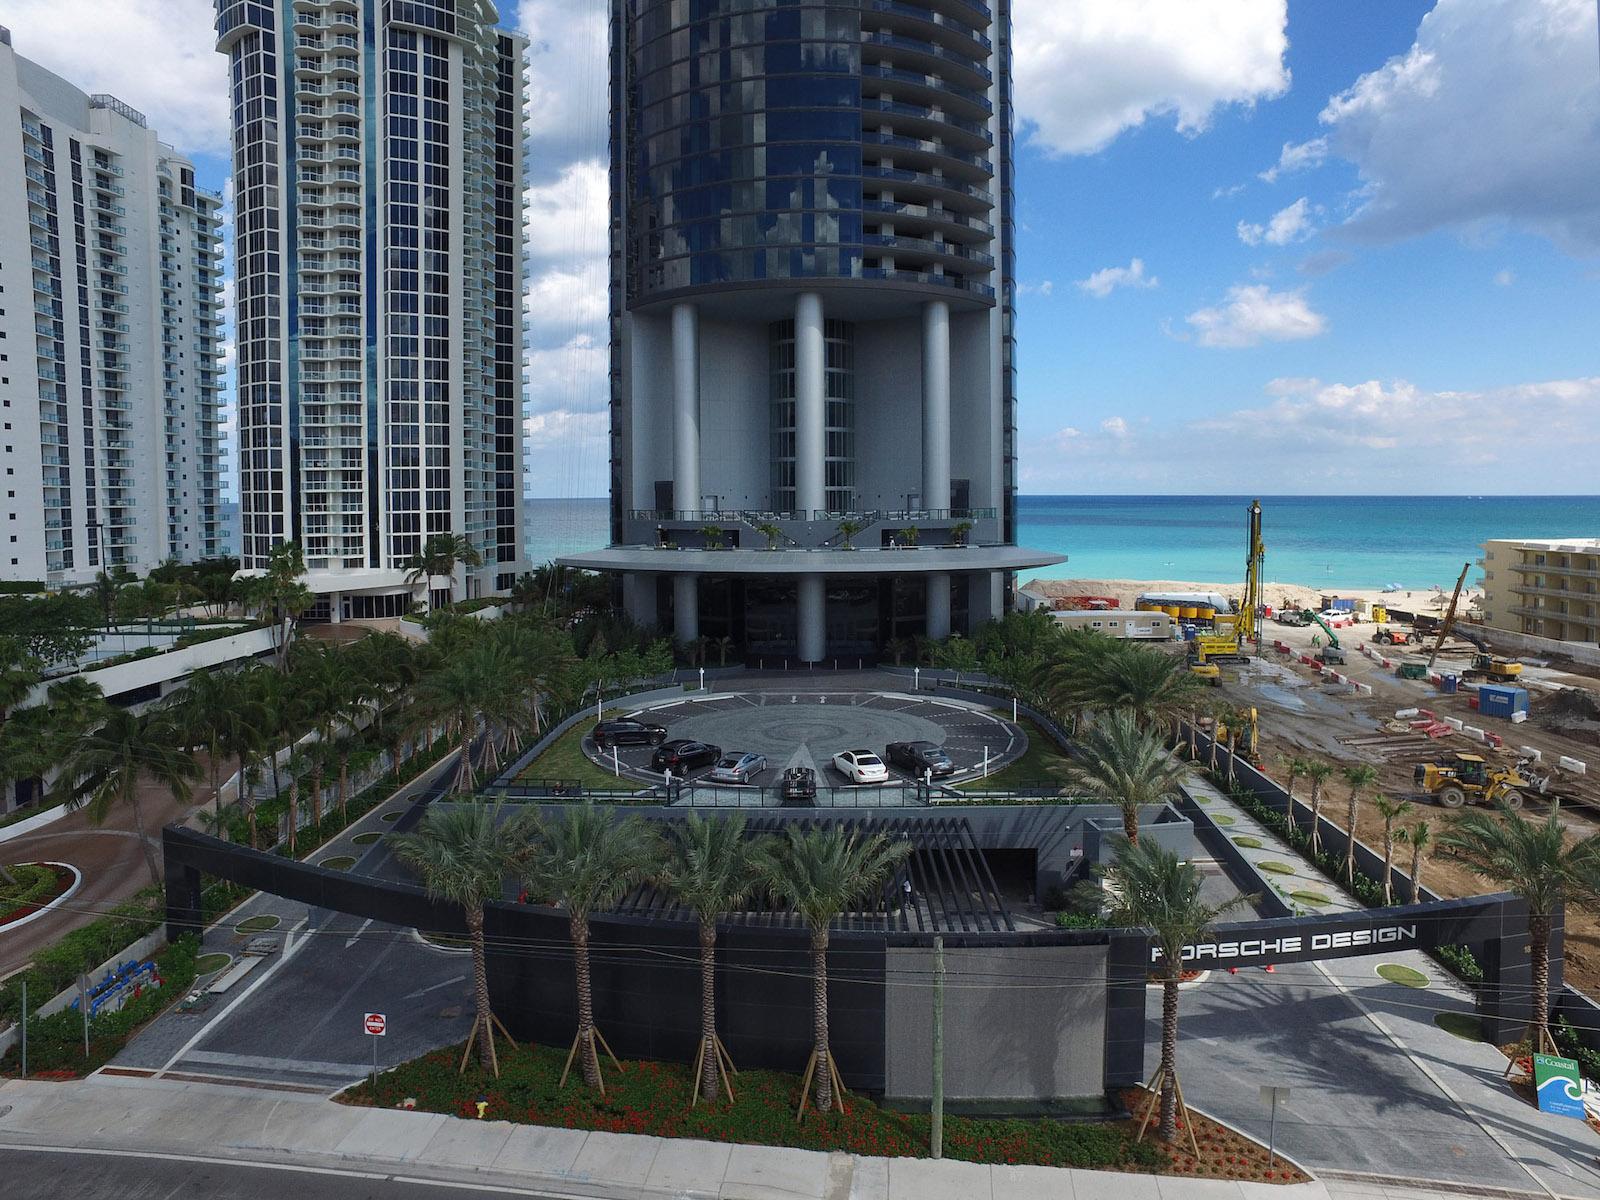 Technologie und luxuriöser Wohnkomfort: Der Porsche Design Tower Miami 4